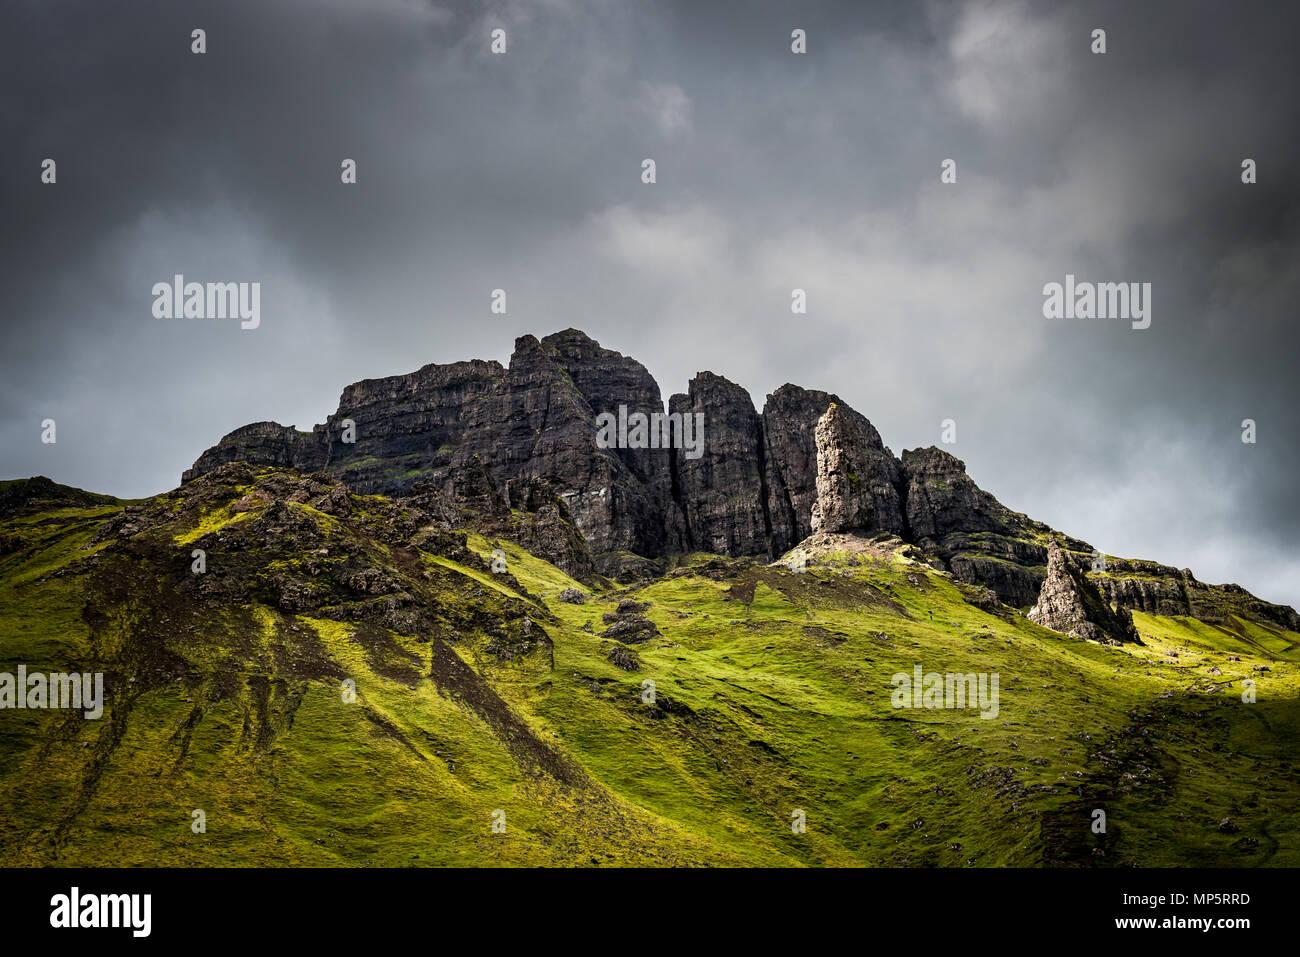 Old Man of Storr, Isle of Skye - Scotland, UK - Stock Image